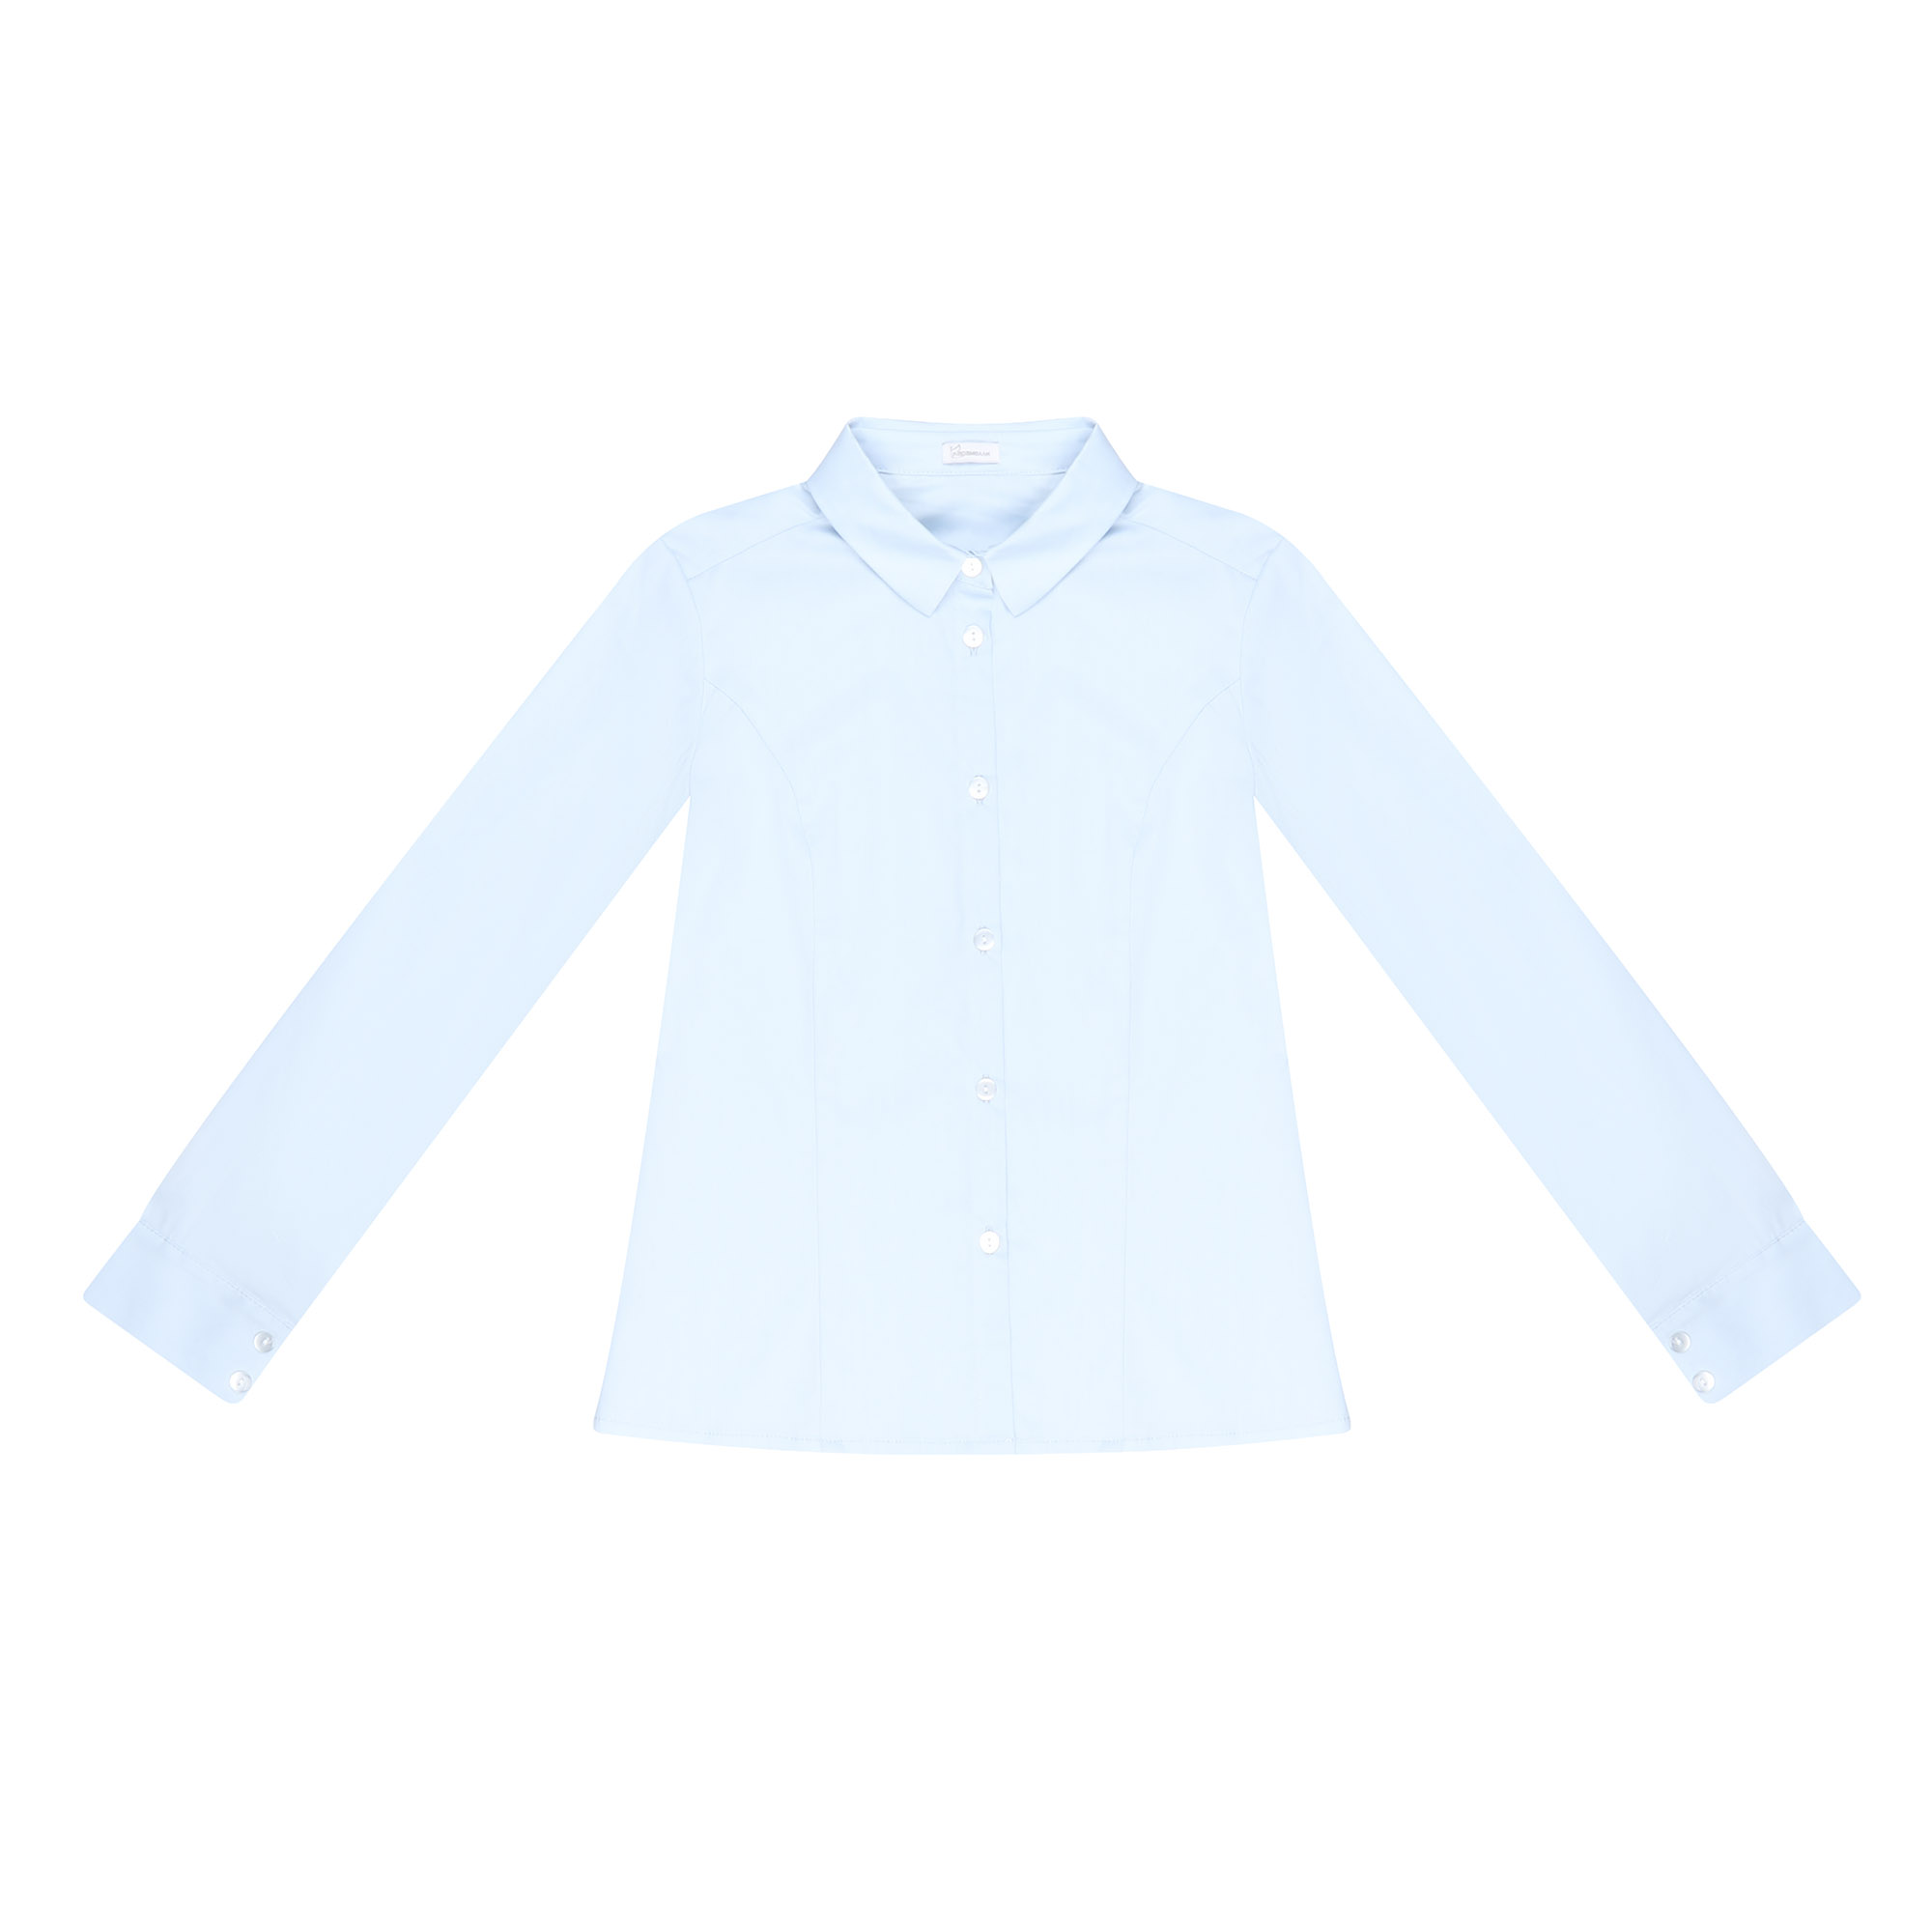 Купить Блузка школьная КАРАМЕЛЛИ О74165 голубая 128, Голубой, Для девочек, Всесезонный,